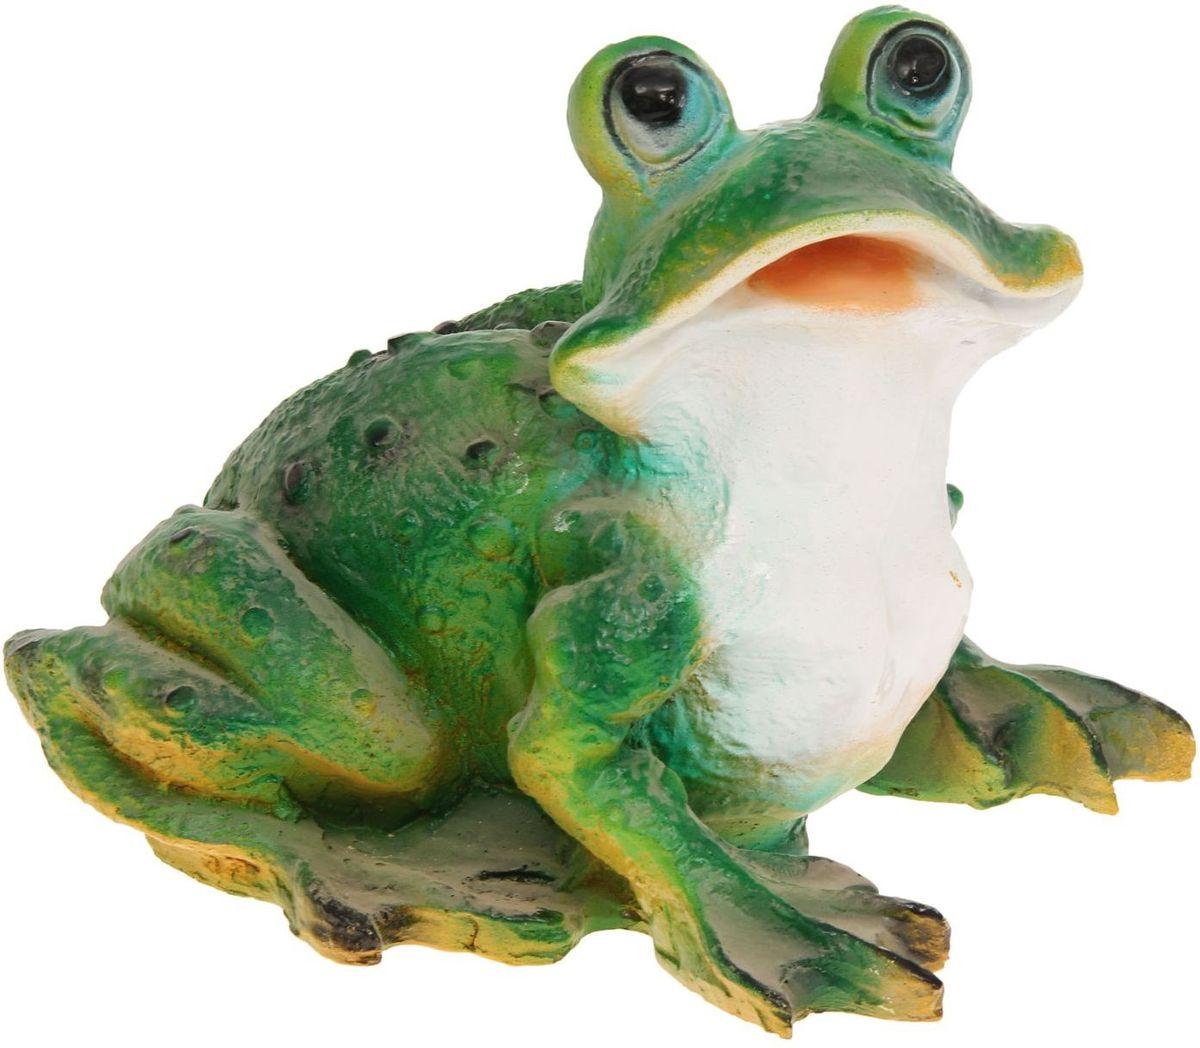 Фигура садовая Лягушка-квакушка, 30 х 22 х 26 см1145115Забавные лягушки добавят новые краски в ландшафт сада. Красочная? Садовая фигура легко расставит нужные акценты: приманит взор к водоёму или привлечёт внимание к цветочной клумбе. Гармоничнее всего лягушата сморятся в местах своего природного обитания: располагайте их рядом с водой или в траве? Садовая фигура из полистоуна (искусственного камня) — оптимальное решение для уличных условий. Этот материал не выцветает на солнце, даже если находится под воздействием ультрафиолета круглый год. Искусственный камень имеет низкую пористость, поэтому ему не страшна влага и на нём не появятся трещины? Садовая фигура будет хранить красоту сада долгие годы.